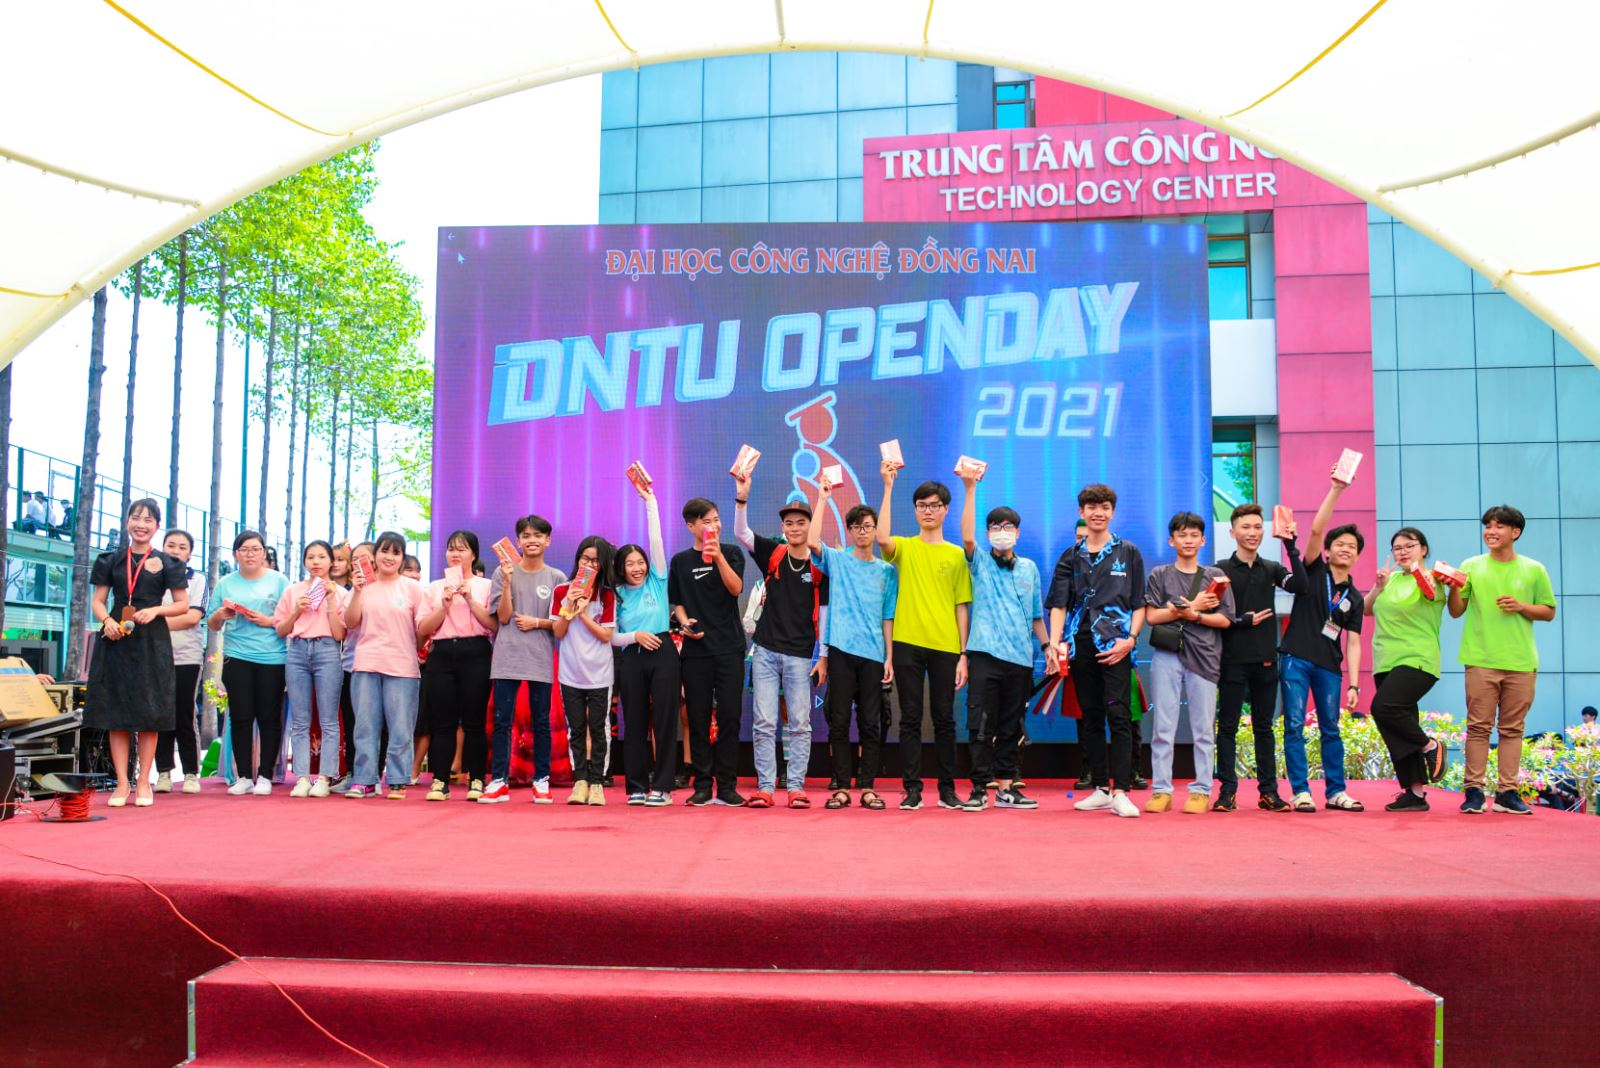 [DNTU Open Day 2021]: Một ngày chủ nhật thật khác tại DNTU